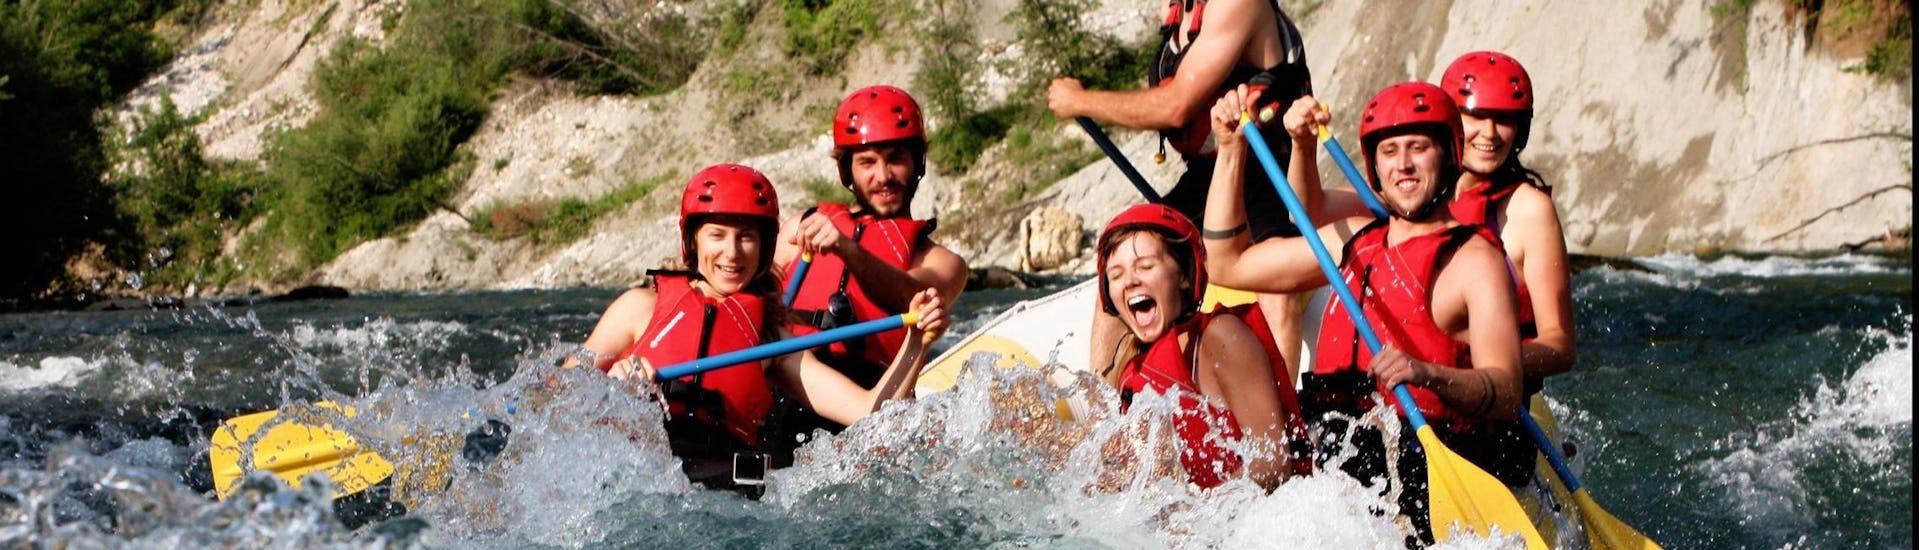 Bestes Rafting in Bled auf der Sava